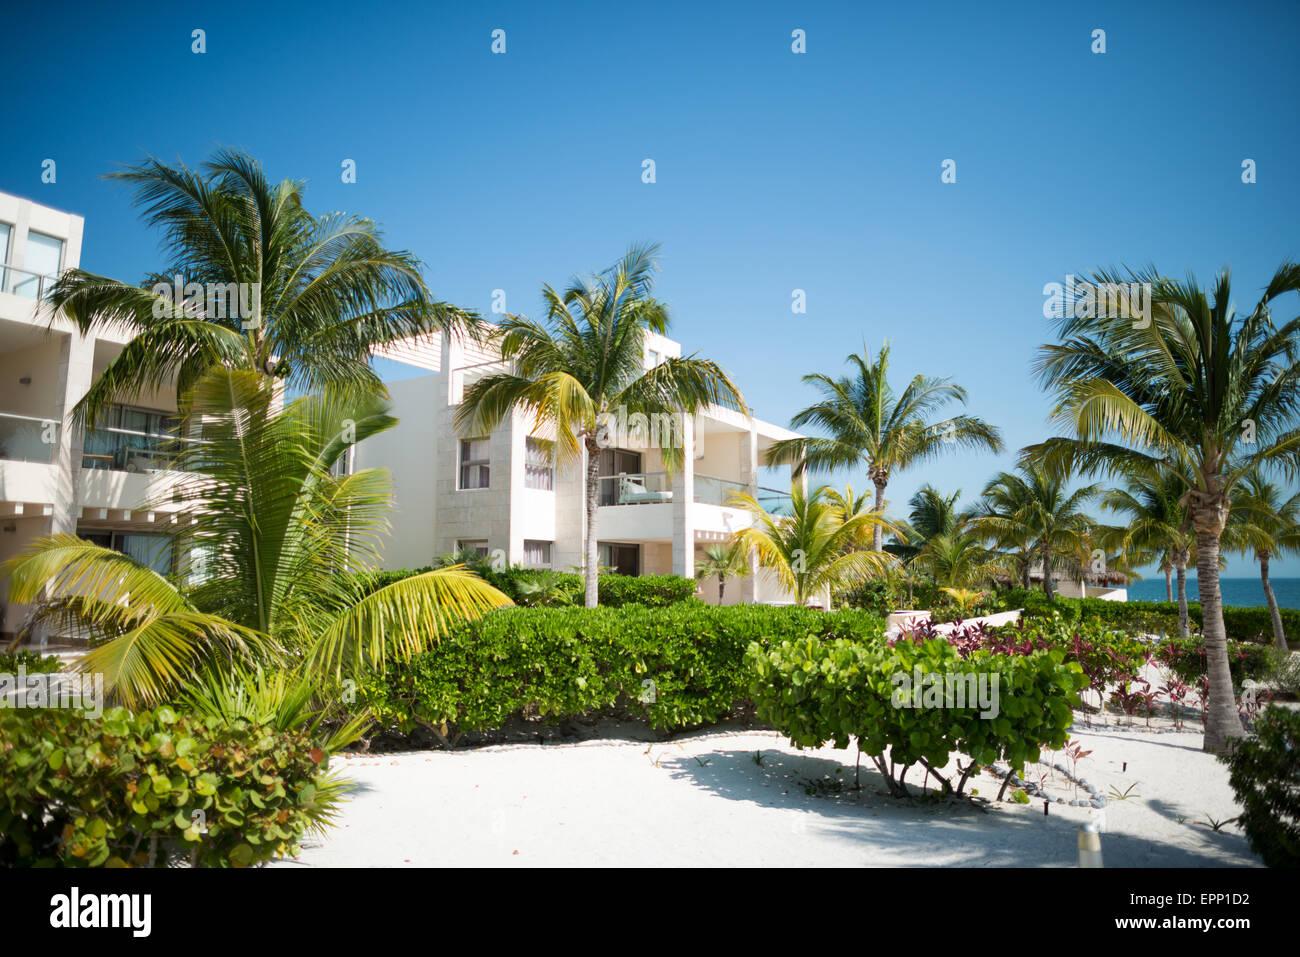 Le bien-aimé, de l'hôtel Playa Mujeres, Mexique, est situé juste au nord de Cancun. C'est Photo Stock